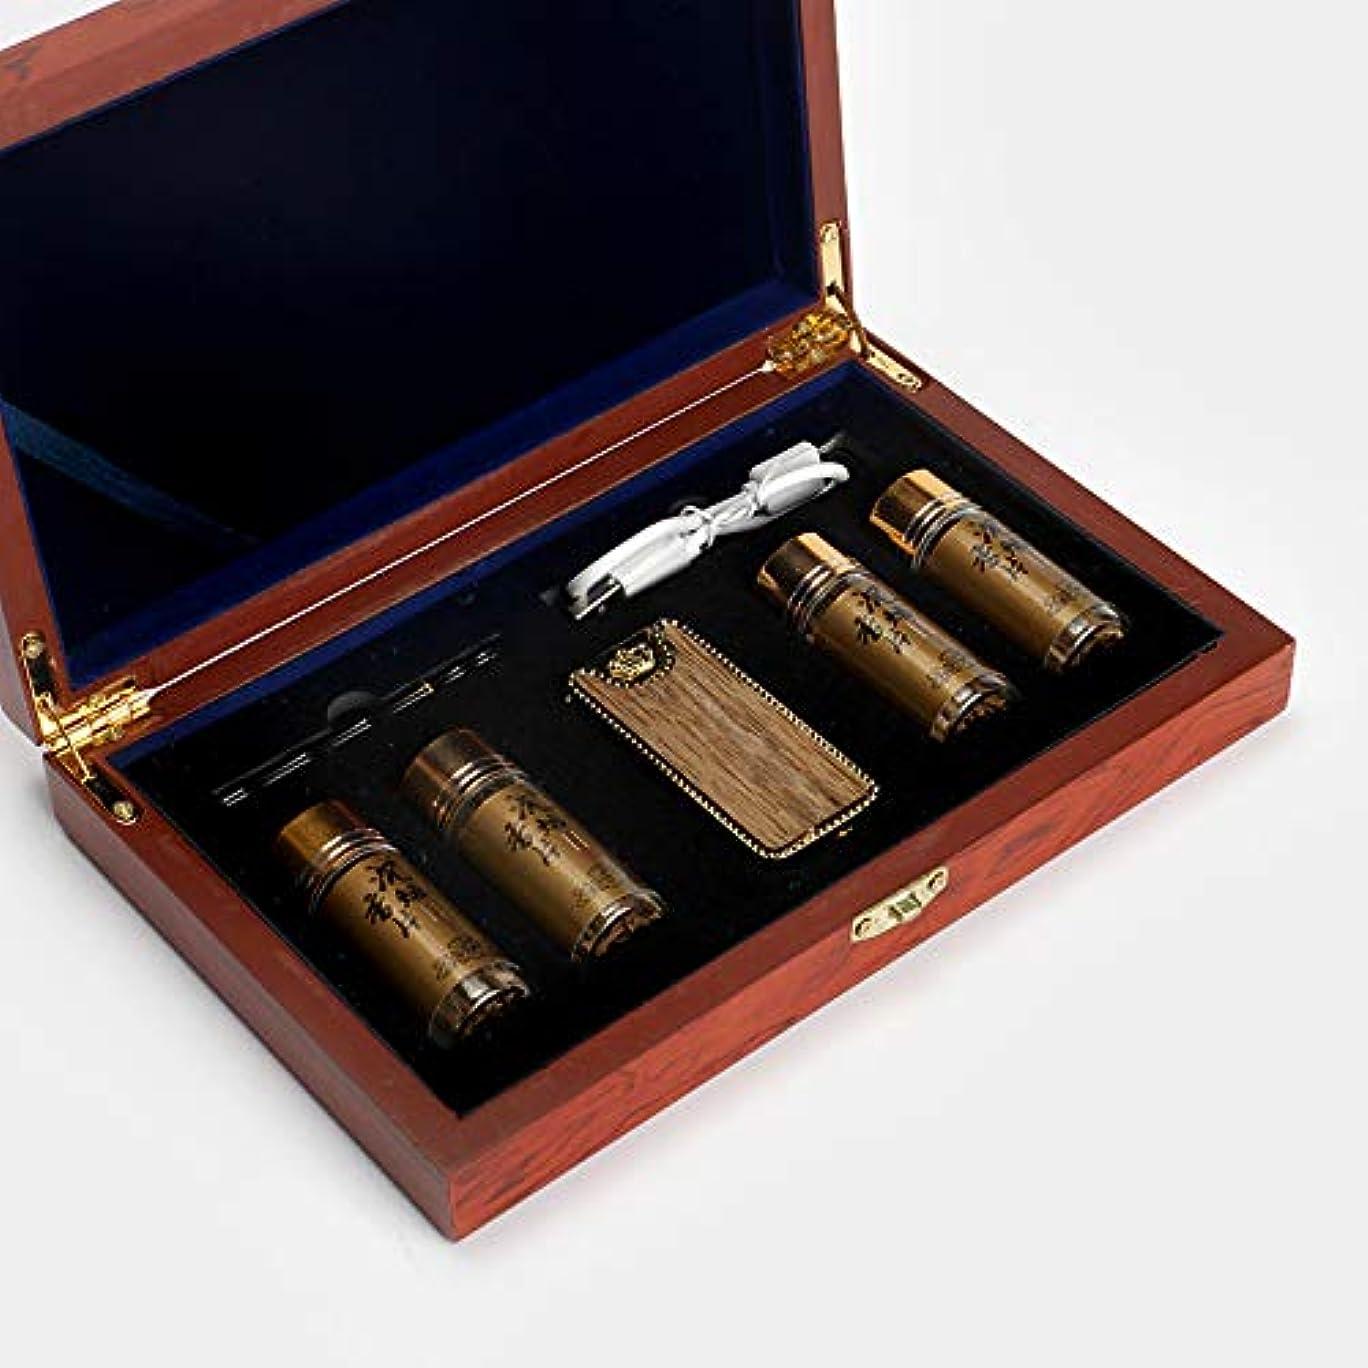 増加する頑張るチップDiatems - 五郎クラフトベトナムニャチャンシェンタバコの煙を挿入ギフトボックスShenxiang錠4本のボトル包装